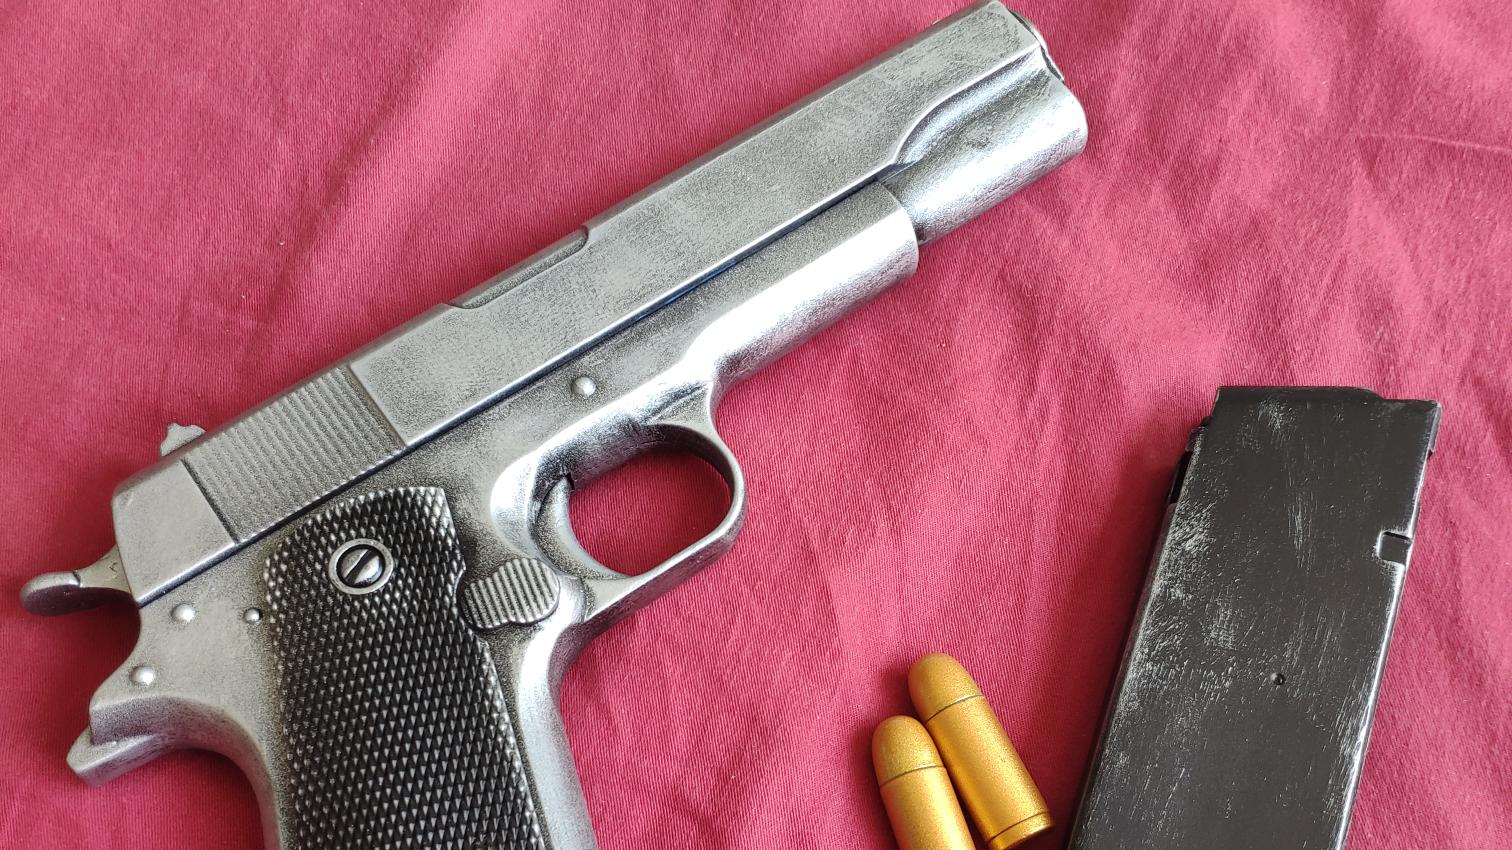 这是塑料,真是的塑料。软弹玩具1911枪铁银做旧成品